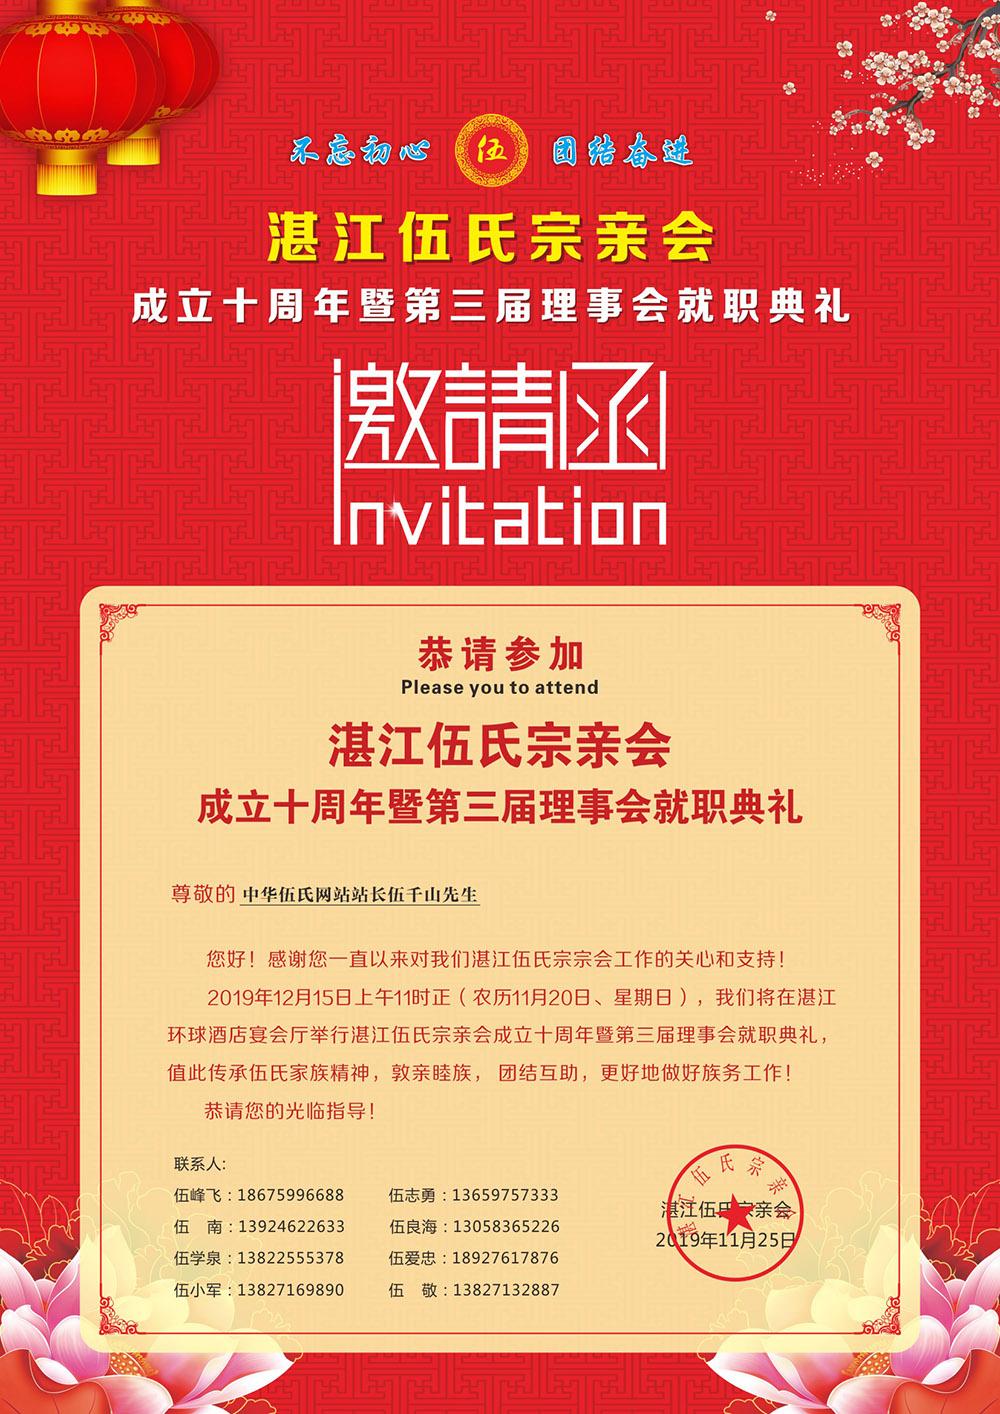 邀请函 | 湛江伍氏宗亲会成立十周年暨第三届理事会就职典礼通知